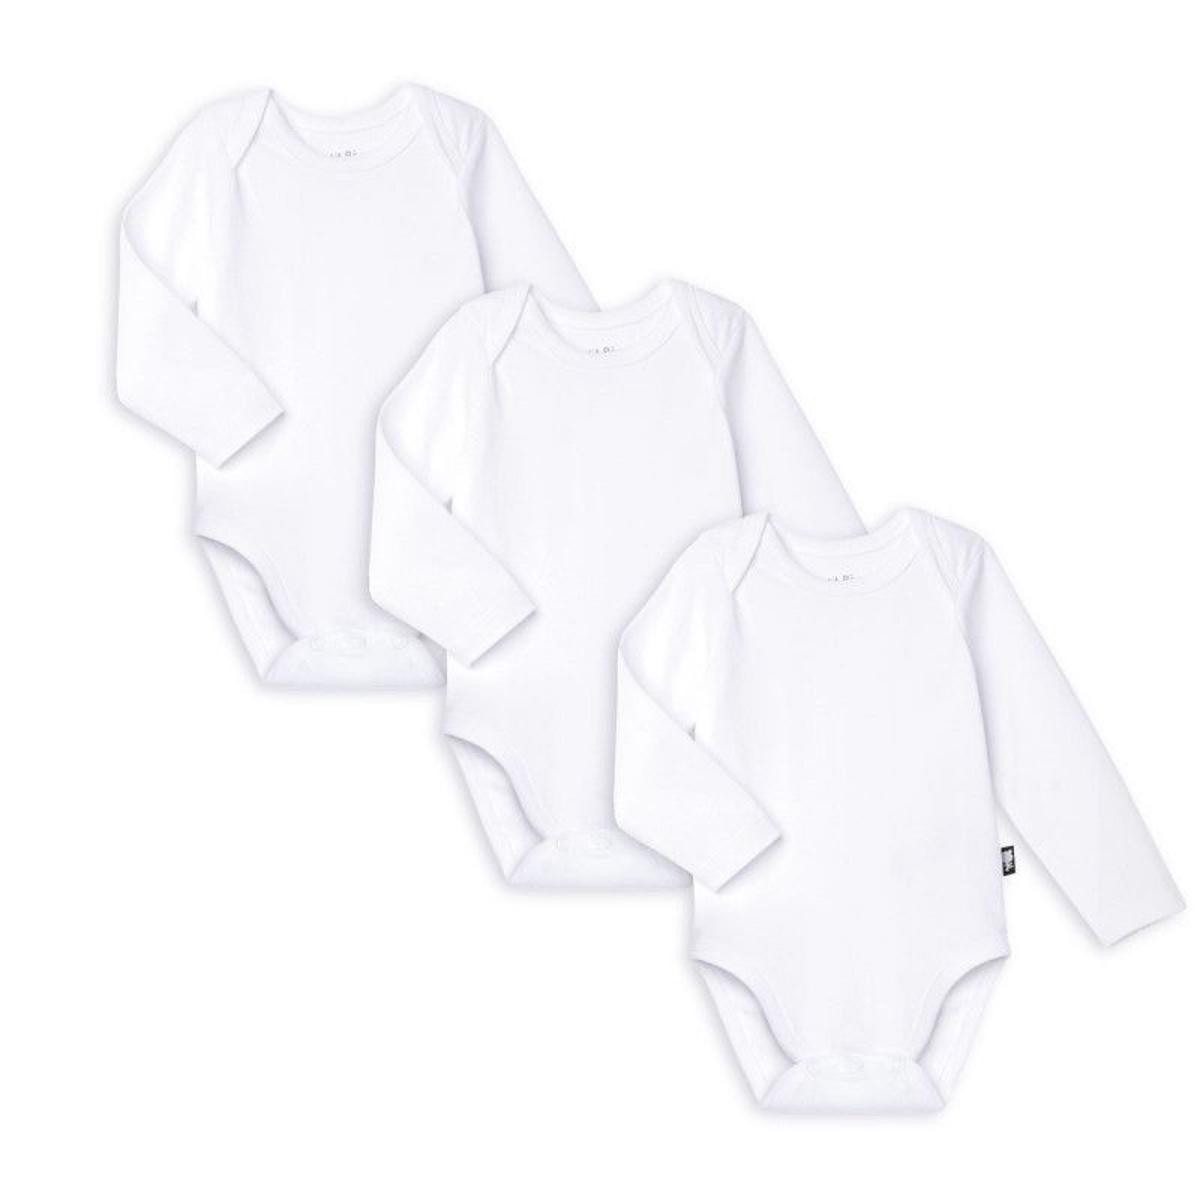 Lot de 3 bodies bébé mixte manches longues Basique